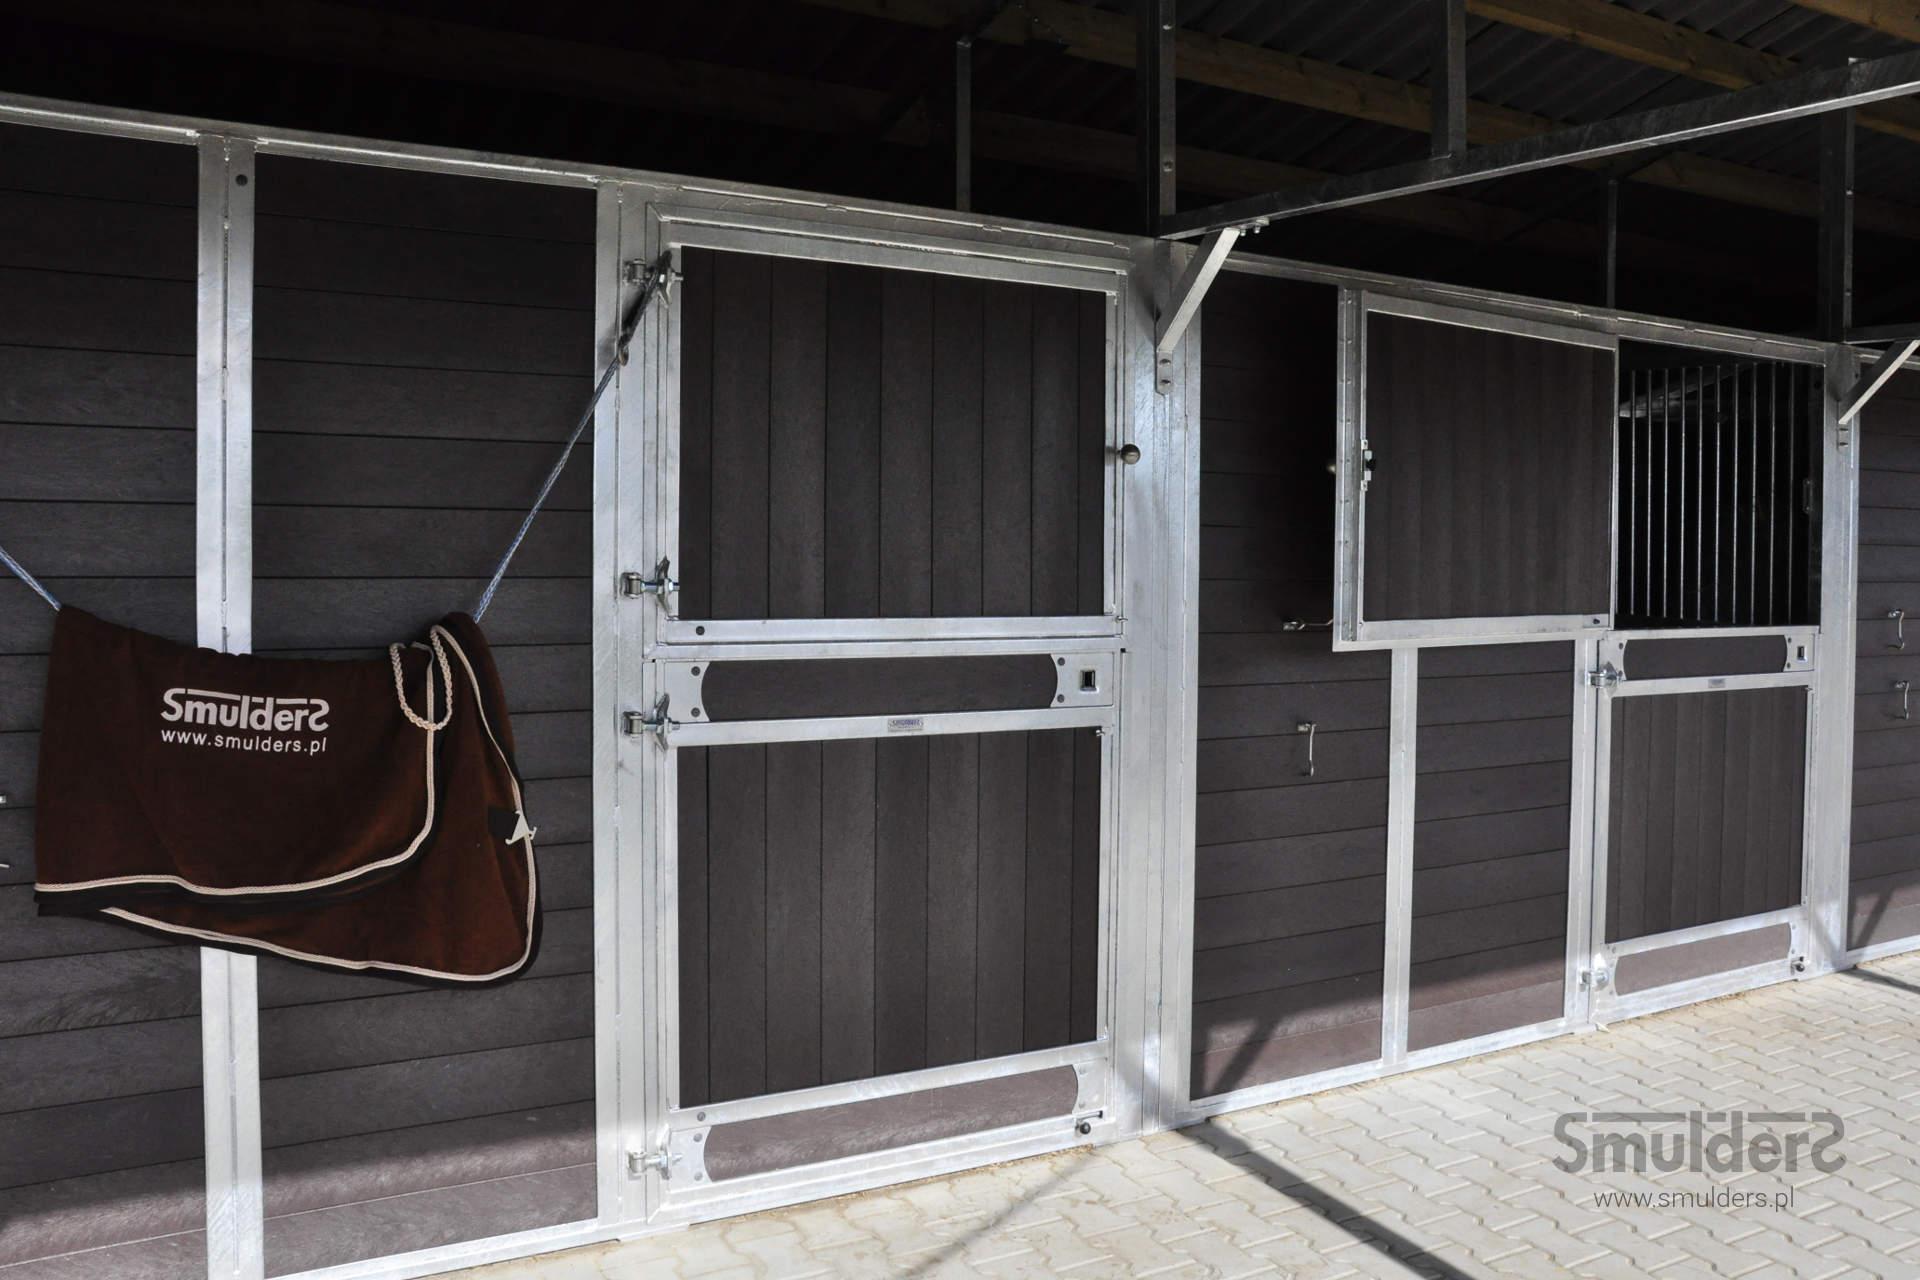 https://www.smulders.pl/wp-content/uploads/2019/07/f004_outdoor-stables_KCN_SMULDERS_PL.jpg